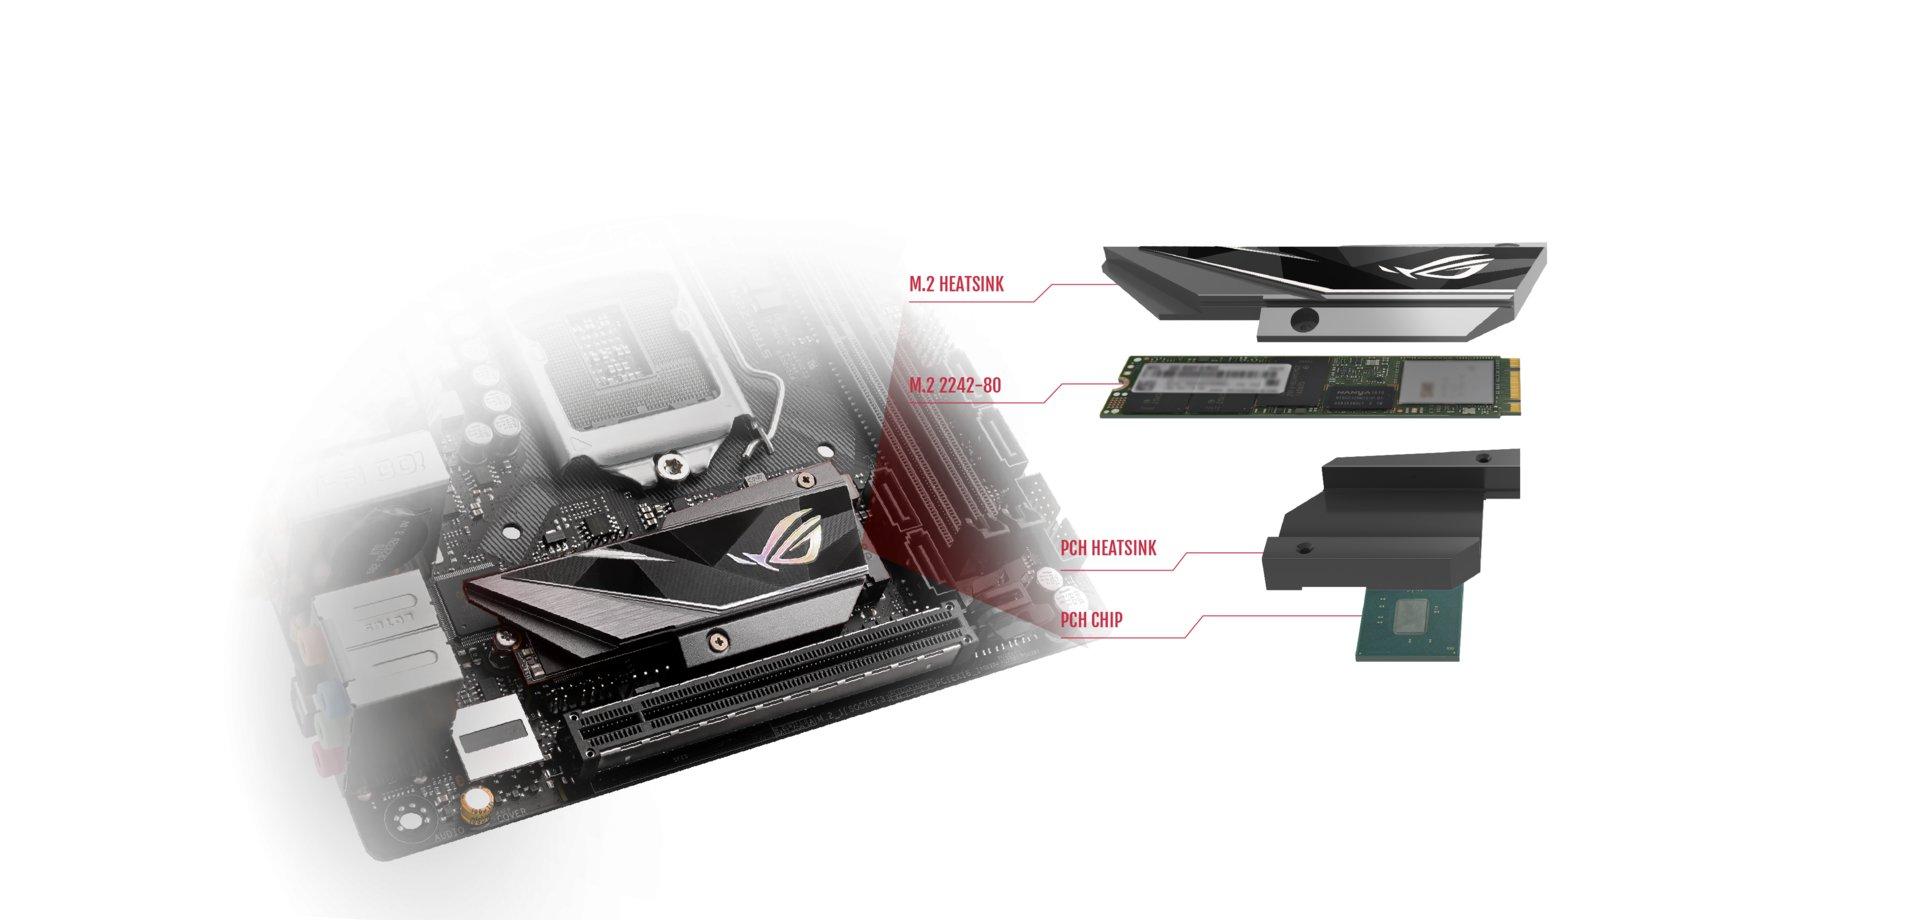 Asus ROG Strix Z270I Gaming – Kühlt M.2-SSDs mit extra Kühlblock